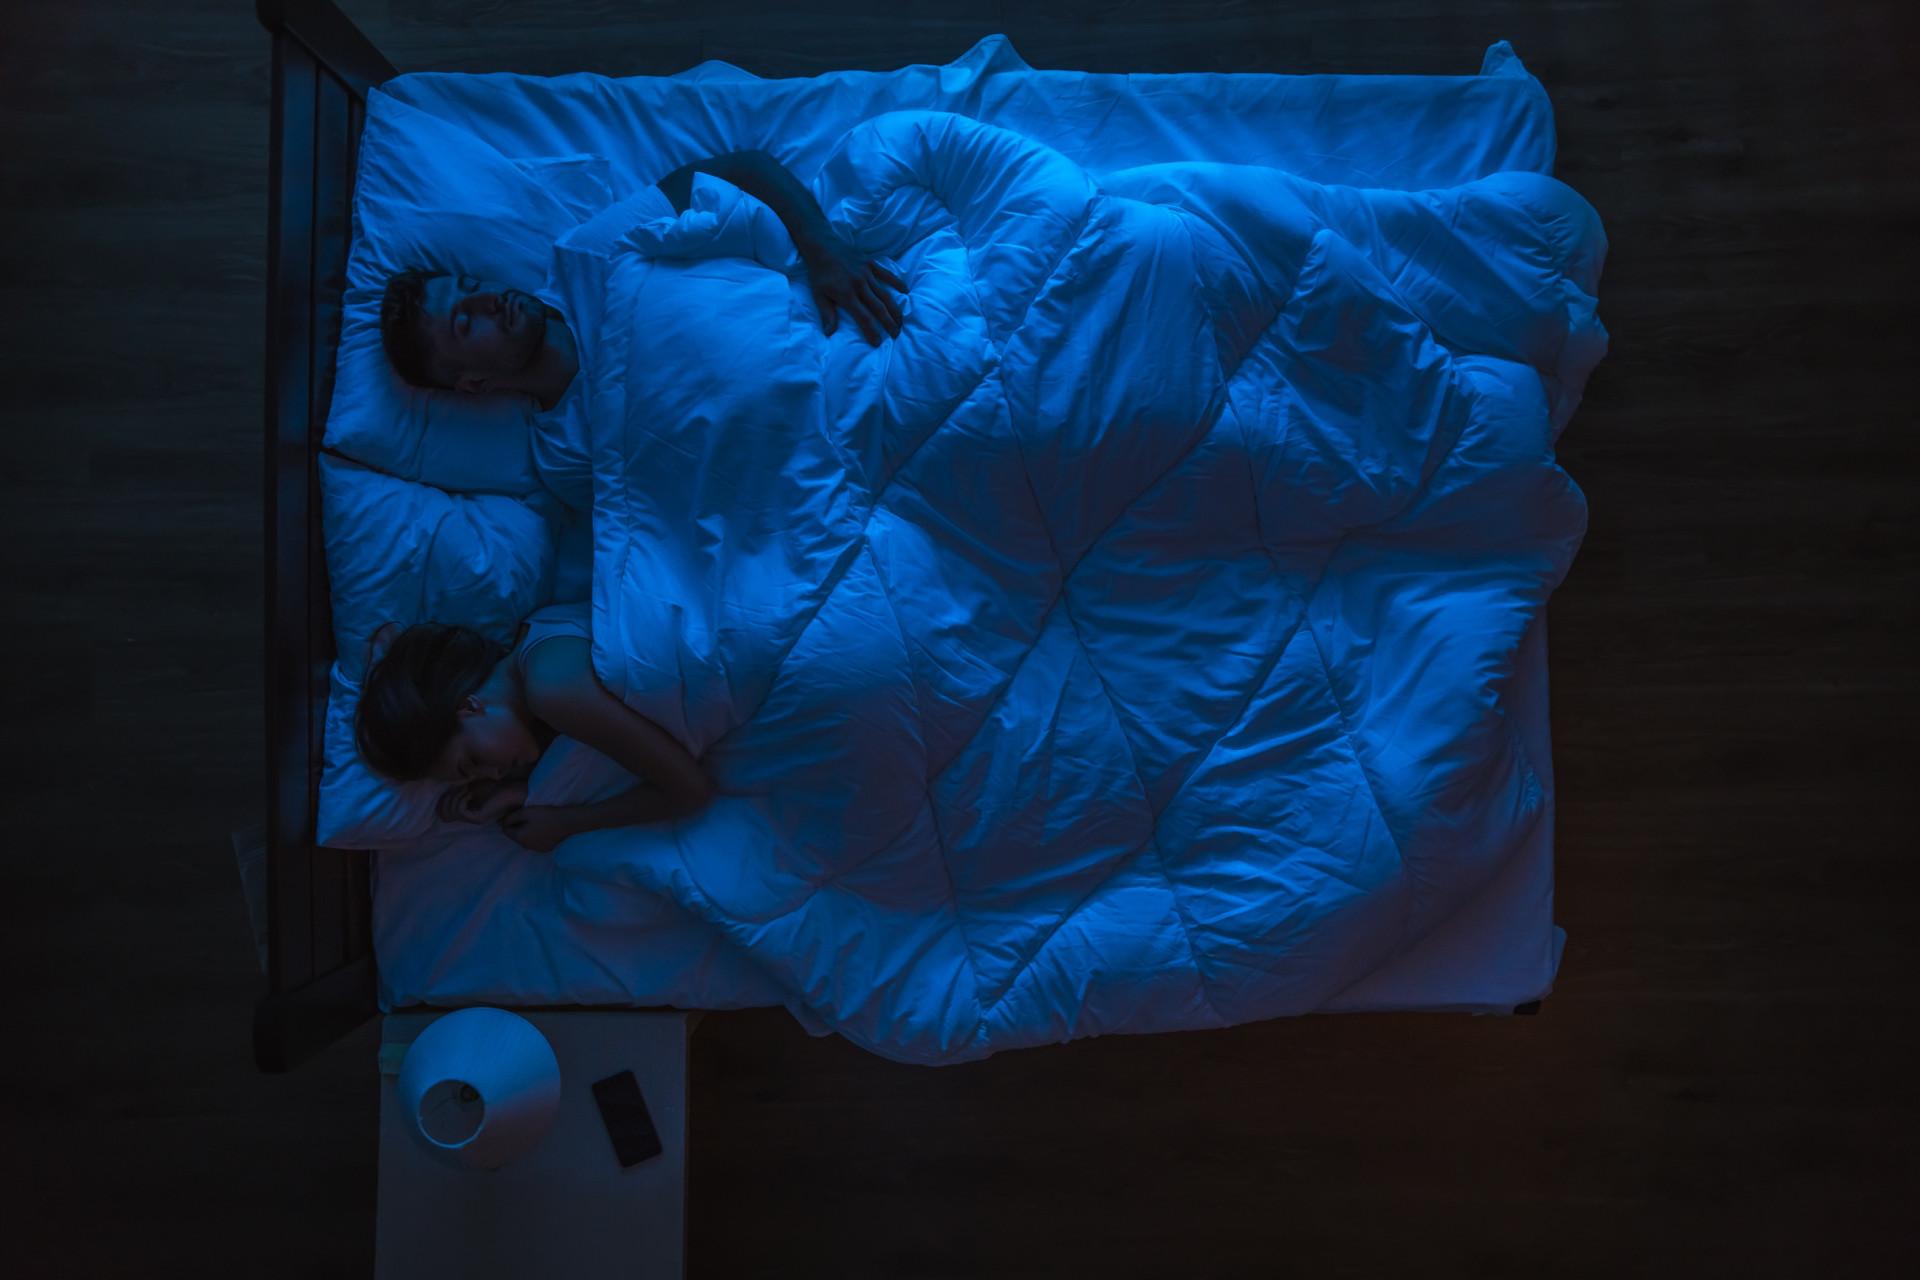 ¿Sabías que la posición a la hora de dormir revela trazos de la personalidad?